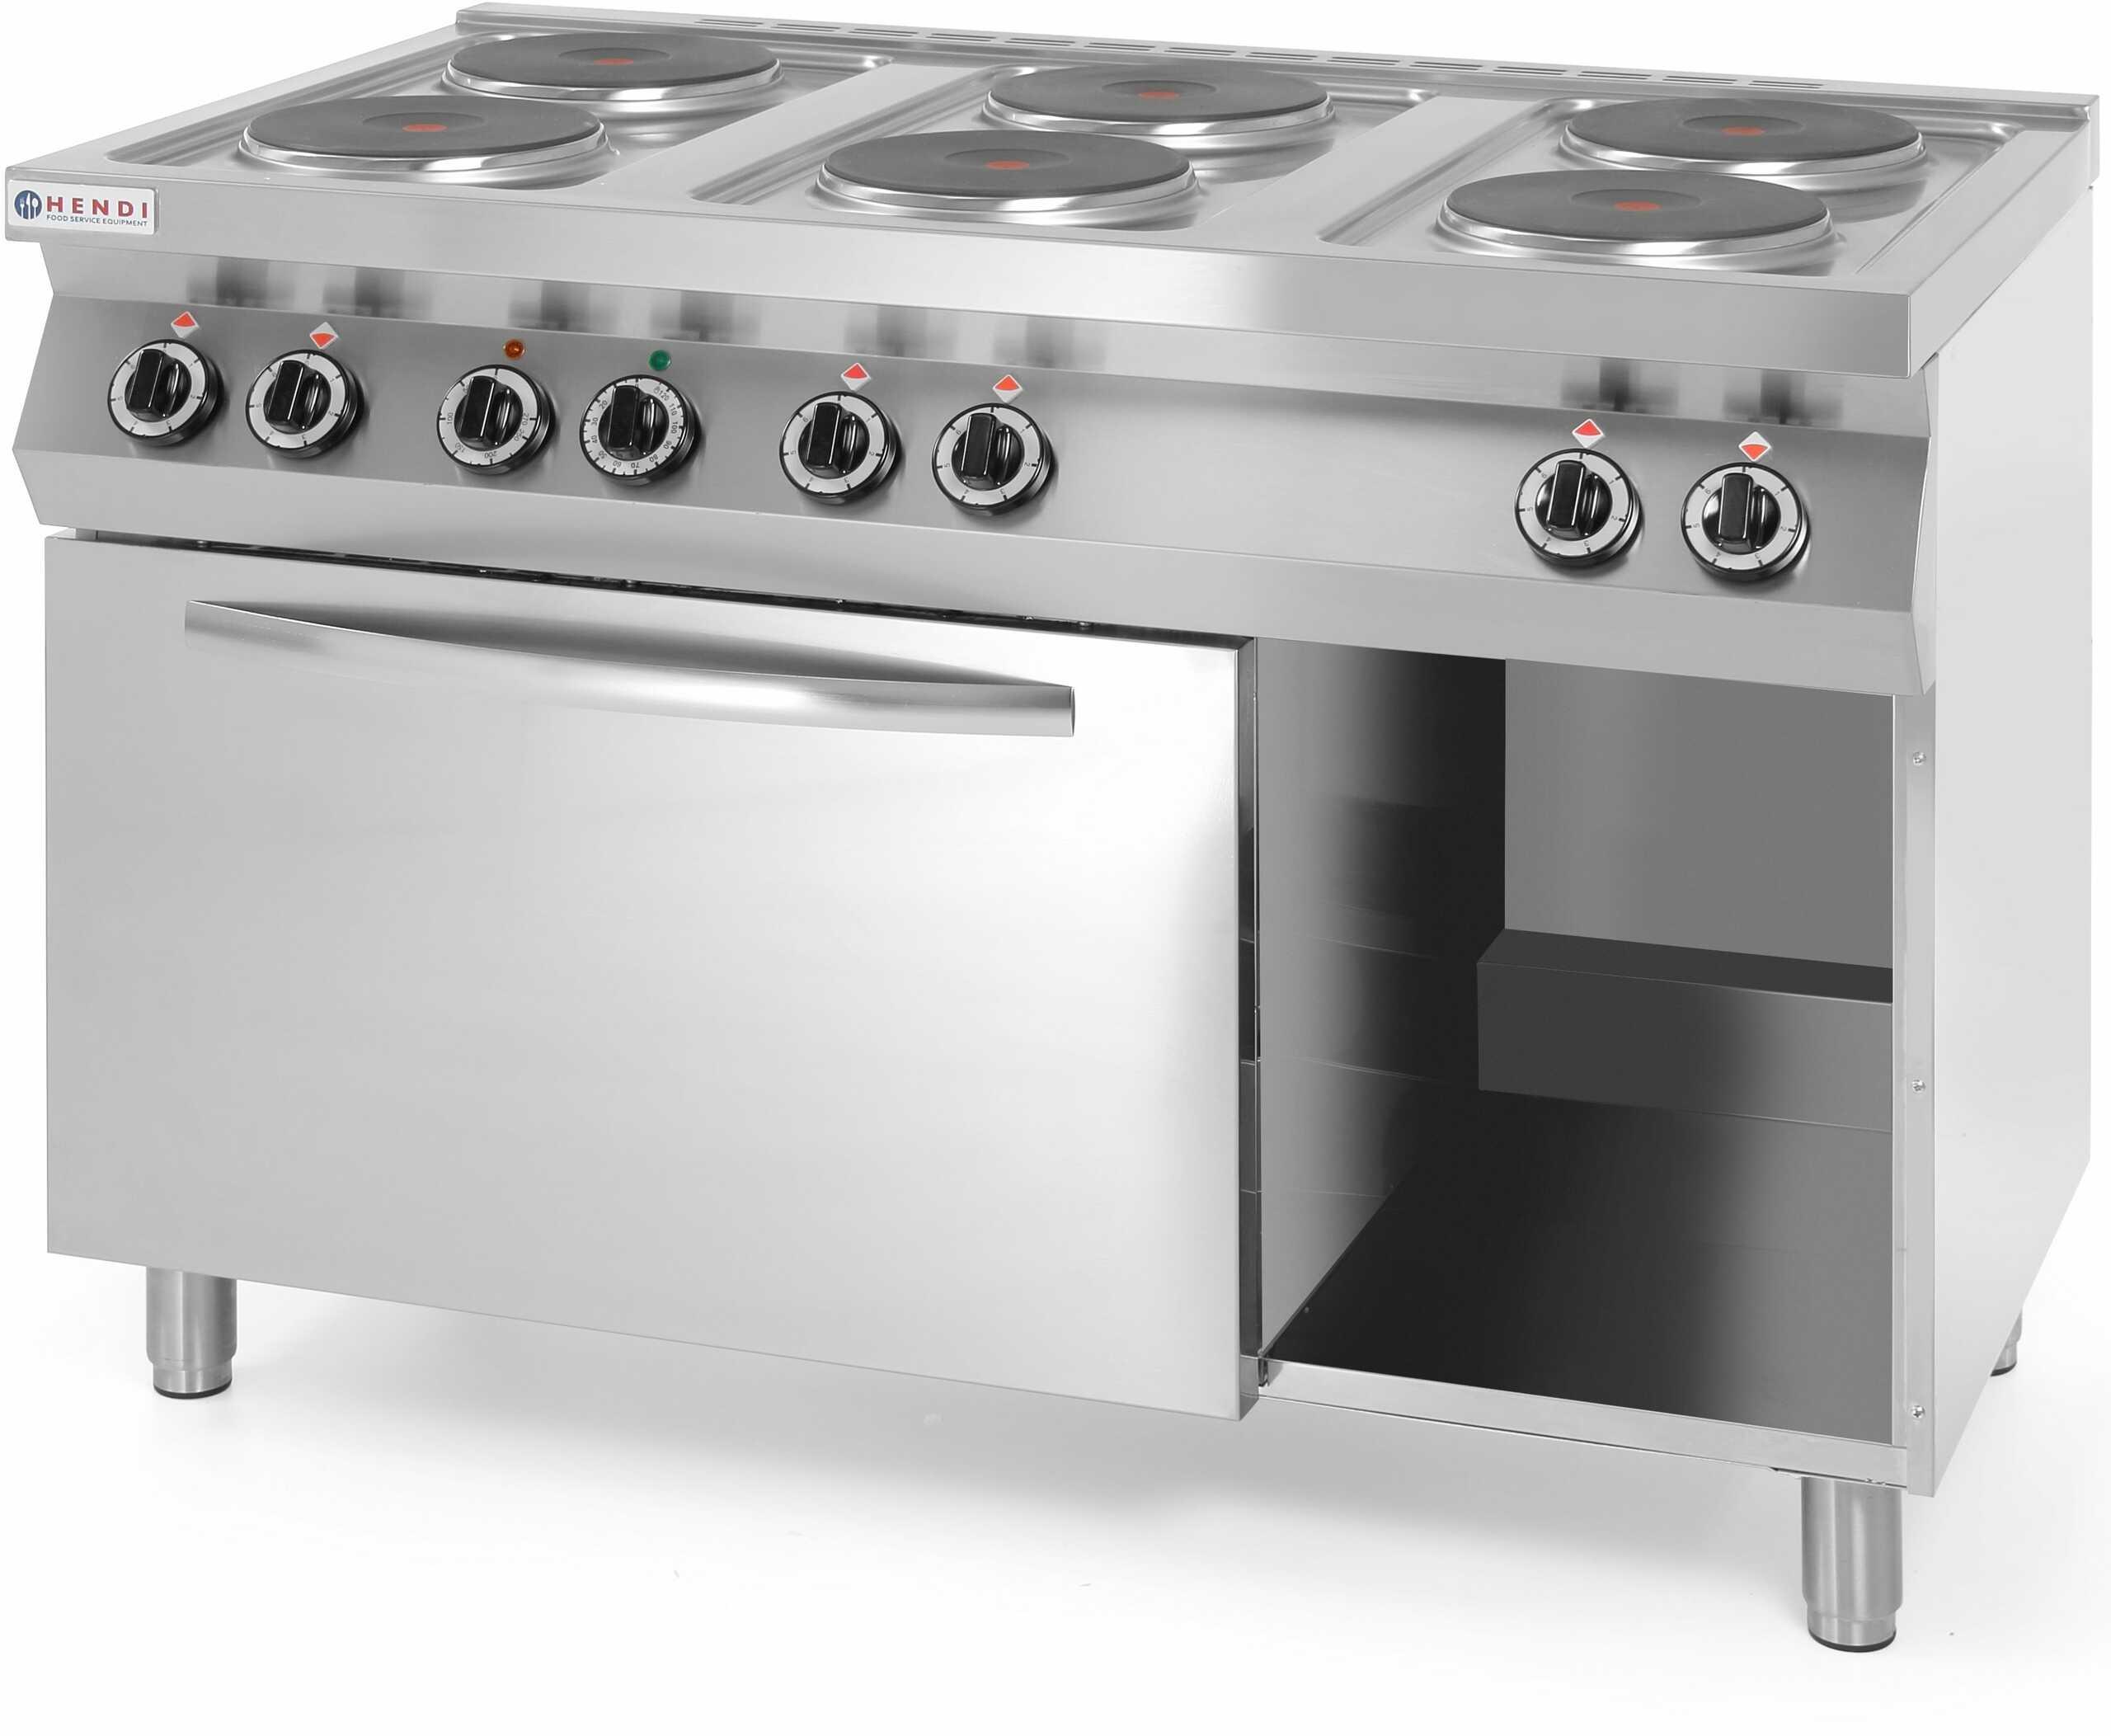 Kuchnia gastronomiczna elektryczna 6-płytowa z piekarnikiem